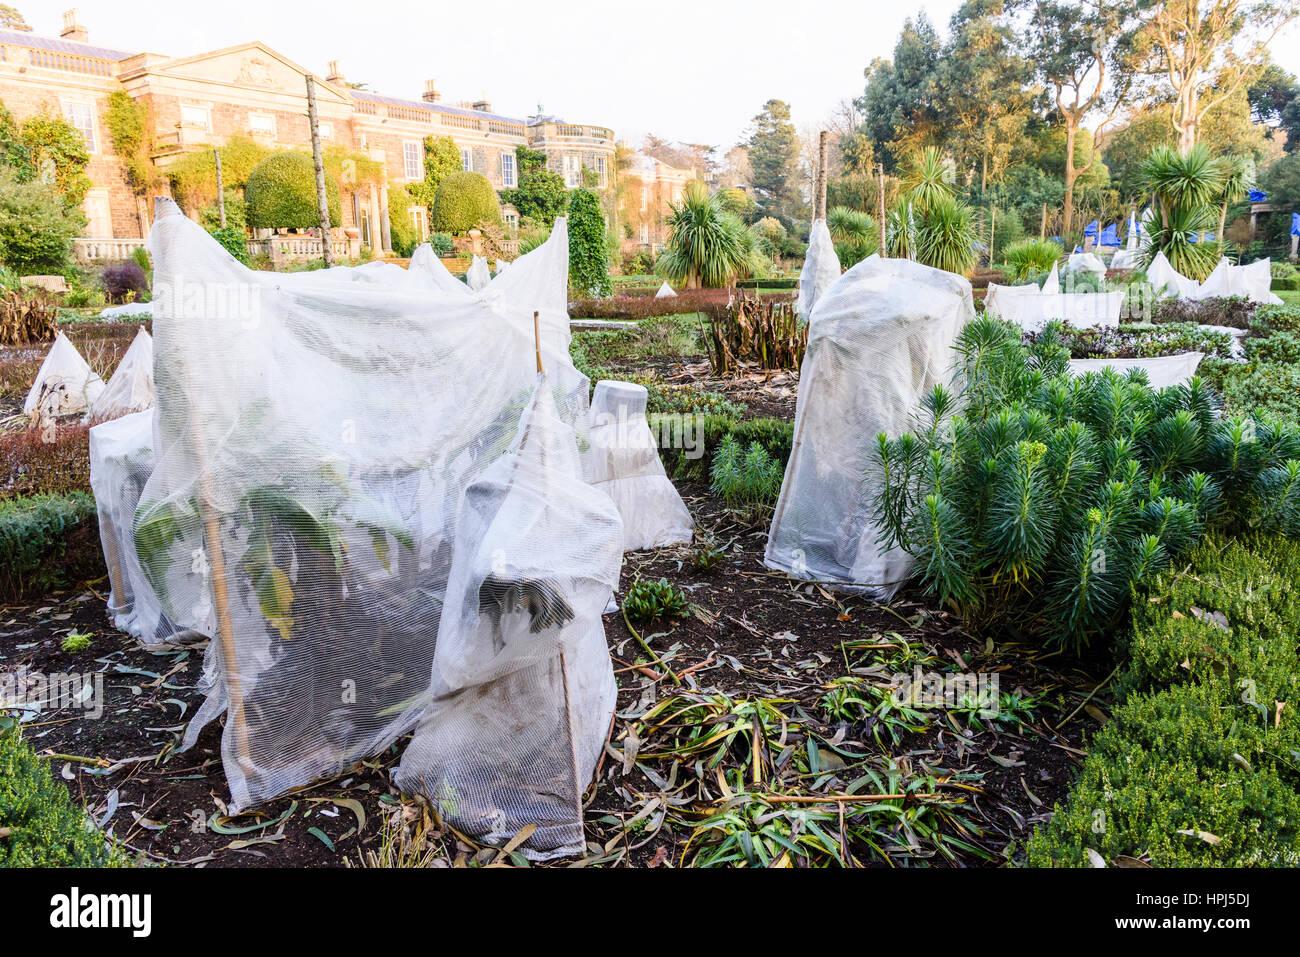 Pflanzen In Einem Formalen Garten Bedeckt Mit Stroh Und Vlies Zum Schutz  Gegen Winterfrost.